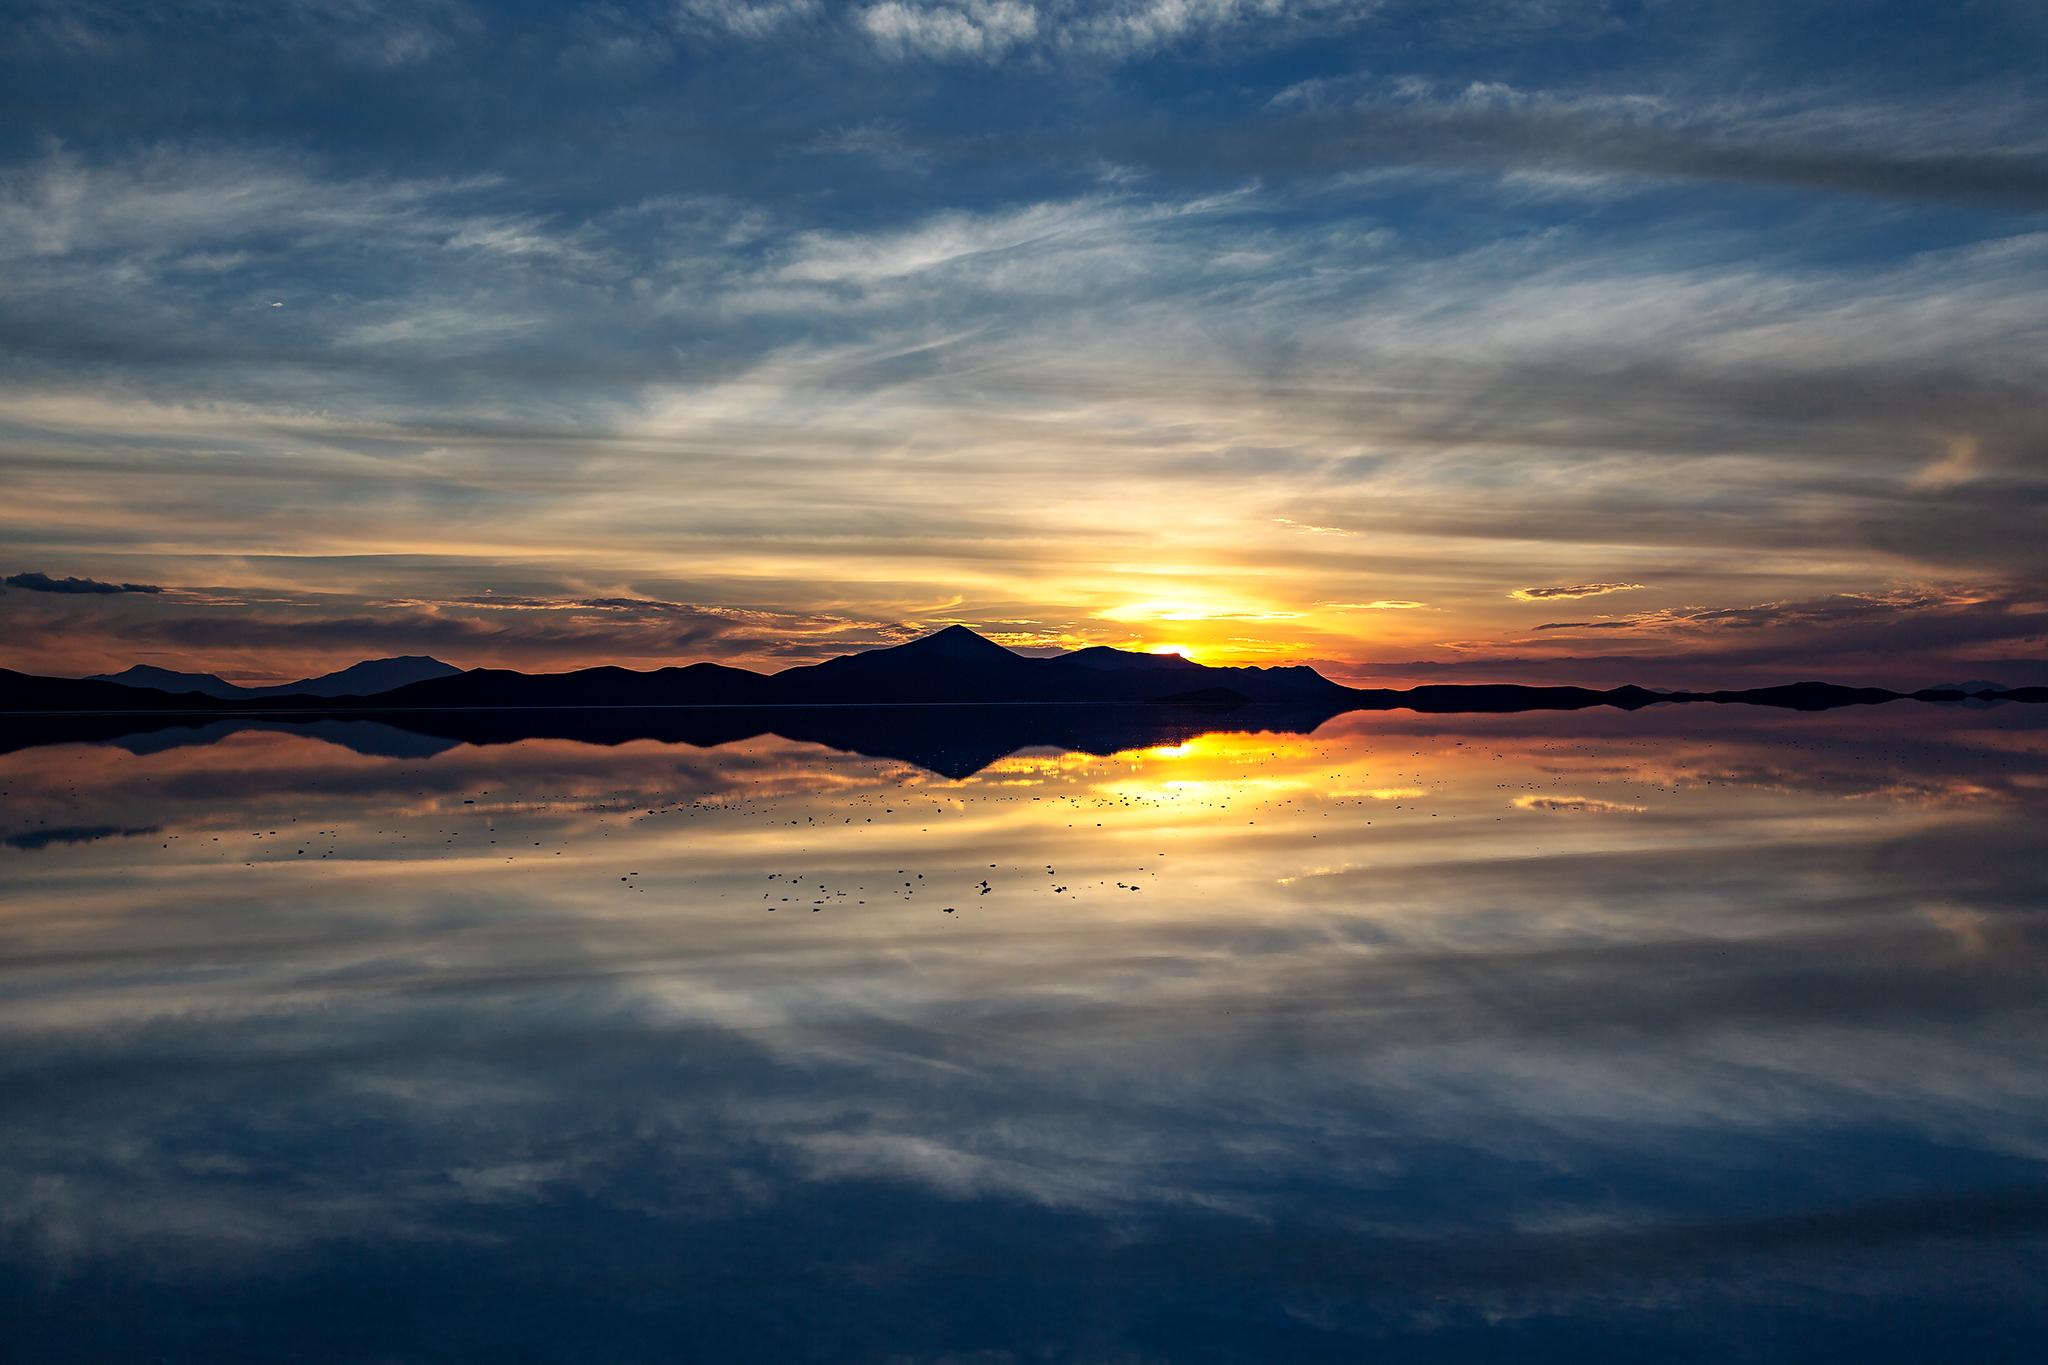 Sonnenuntergang in der Siloli Steinwüste